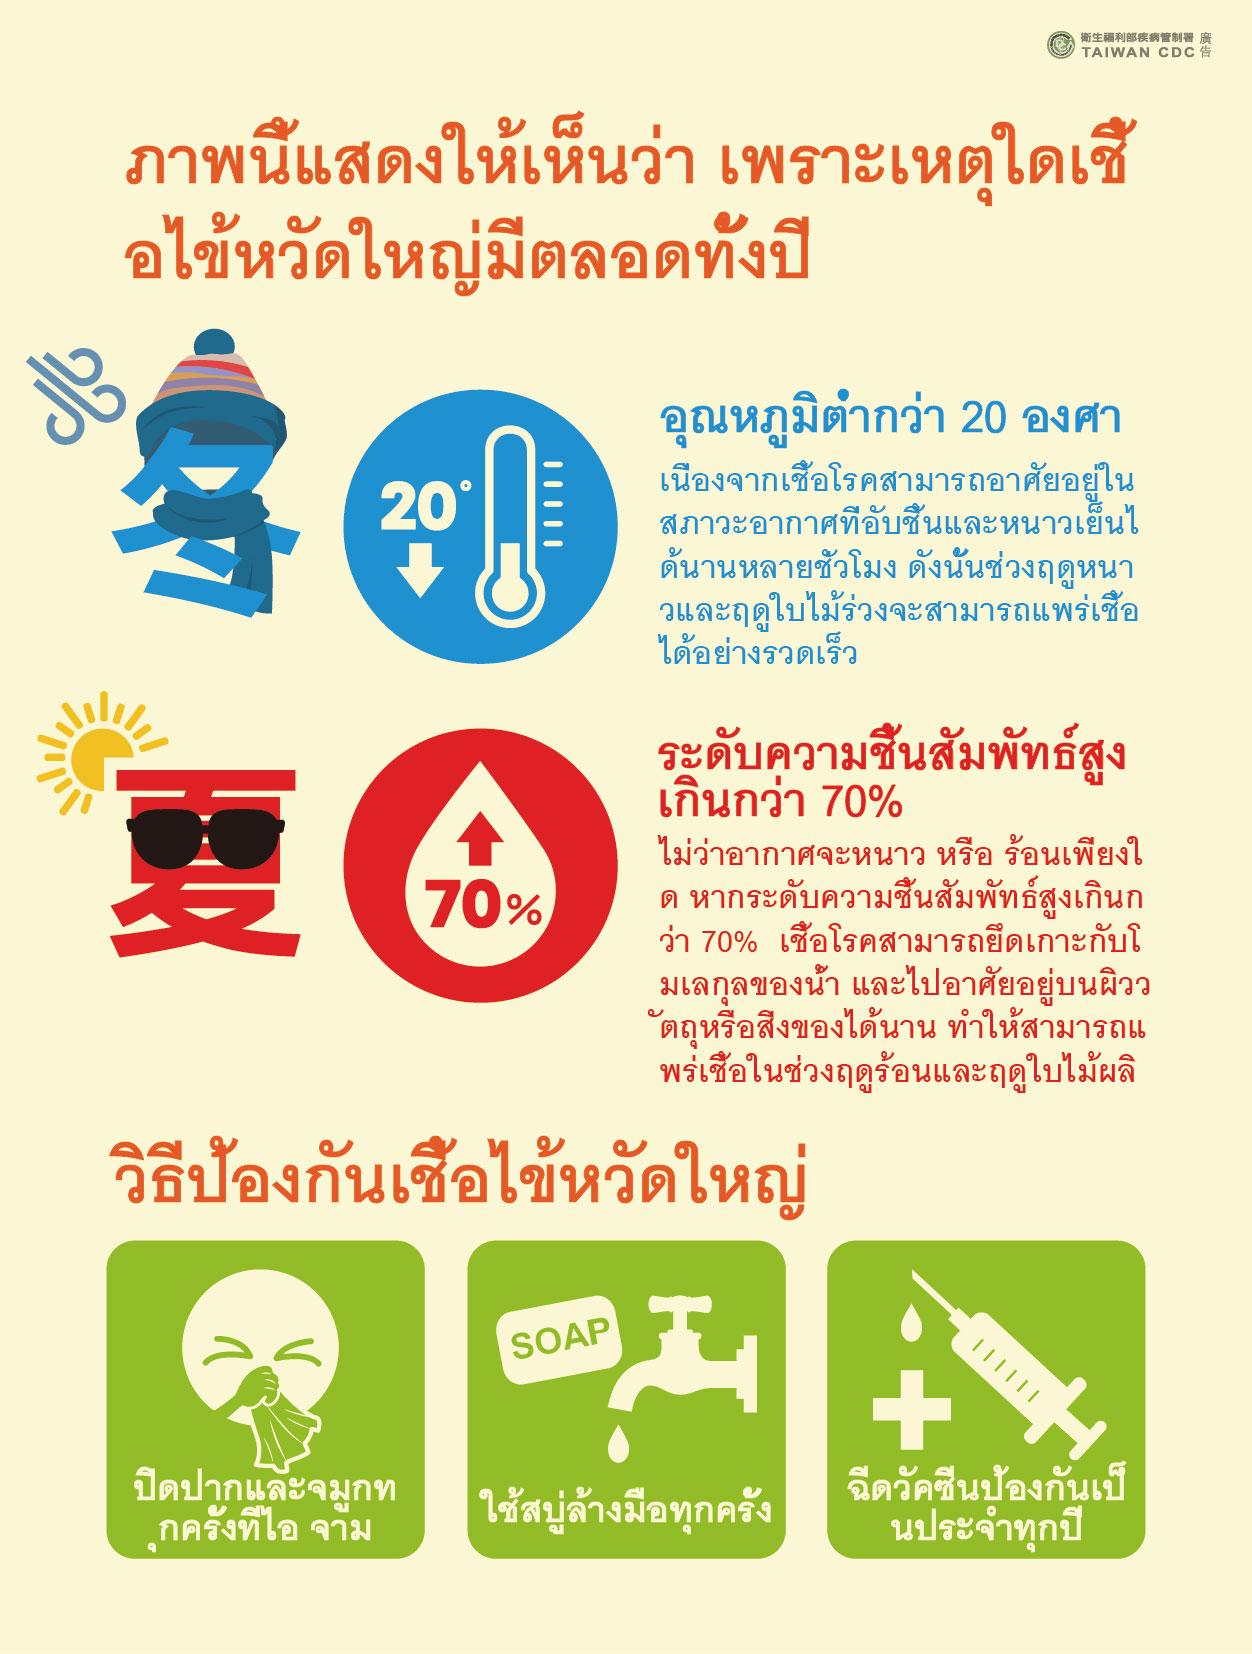 詳如附件【คลิก】ภาพนี้แสดงให้เห็นว่า เพราะเหตุใดเชื้อไข้หวัดใหญ่มีตลอดทั้งปี一張圖了解為什麼全年都有流感!(泰文)